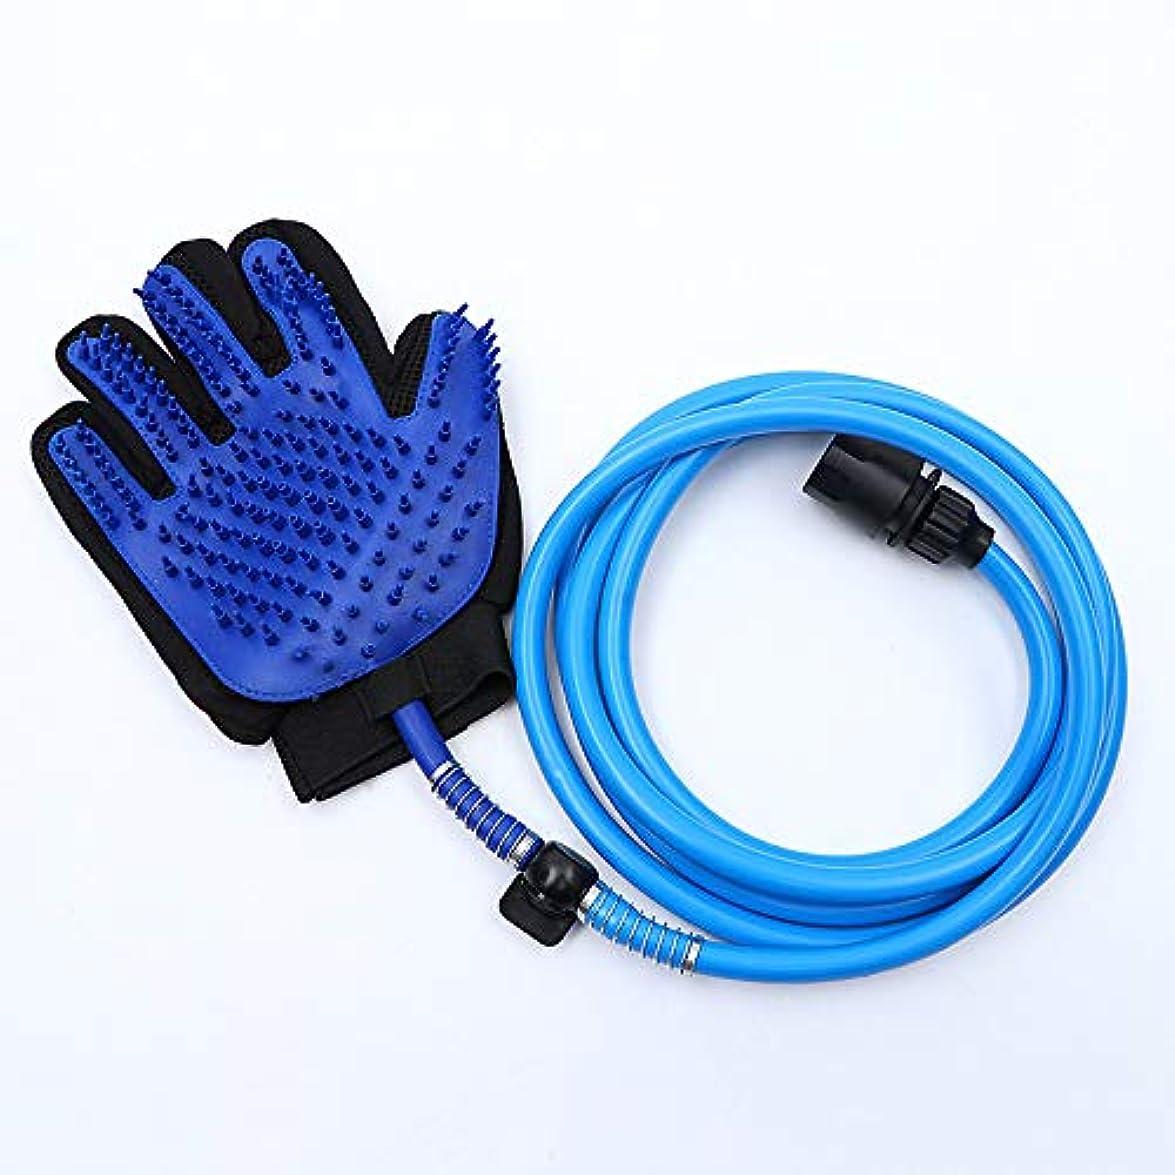 プレゼント路面電車静かにBTXXYJP 手袋 ペット ブラシ グローブ 猫 ブラシ 抜け毛取り クリーナー ブラッシング マッサージブラシ 犬 グローブ ペット毛取りブラシ お手入れ (Color : Blue, Size : L)